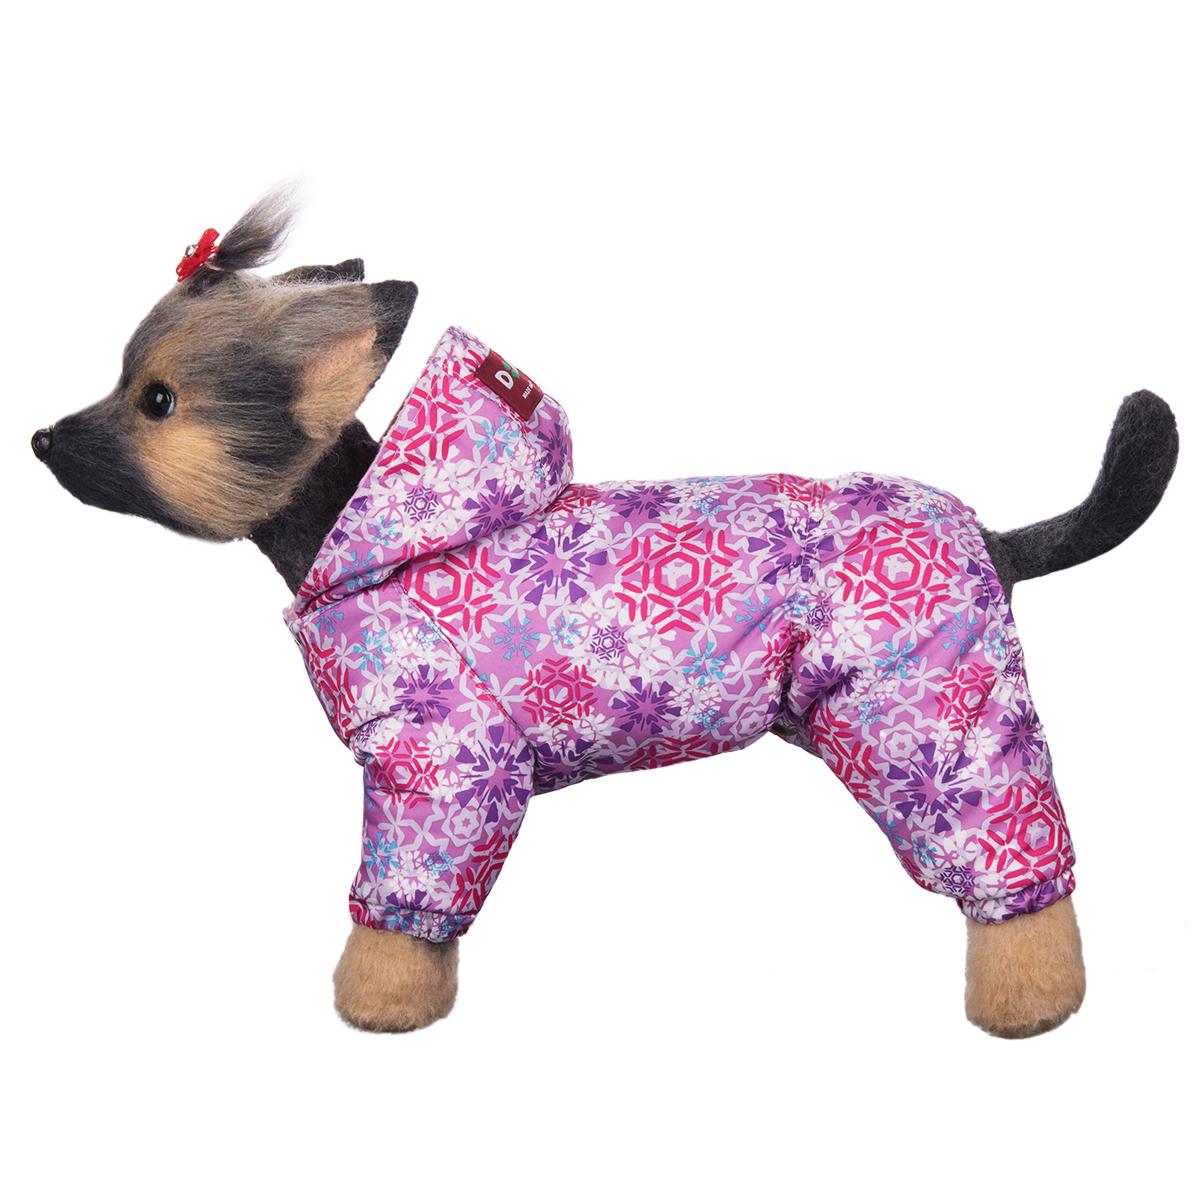 Комбинезон для собак Dogmoda Зима, зимний, для девочки, цвет: розовый, белый. Размер 4 (XL)0120710Зимний комбинезон для собак Dogmoda Зима отлично подойдет для прогулок в зимнее время года. Комбинезон изготовлен из полиэстера, защищающего от ветра и снега, с утеплителем из синтепона, который сохранит тепло даже в сильные морозы, а на подкладке используется искусственный мех, который обеспечивает отличный воздухообмен. Комбинезон с капюшоном застегивается на кнопки, благодаря чему его легко надевать и снимать. Капюшон не отстегивается. Низ рукавов и брючин оснащен внутренними резинками, которые мягко обхватывают лапки, не позволяя просачиваться холодному воздуху. Благодаря такому комбинезону простуда не грозит вашему питомцу.